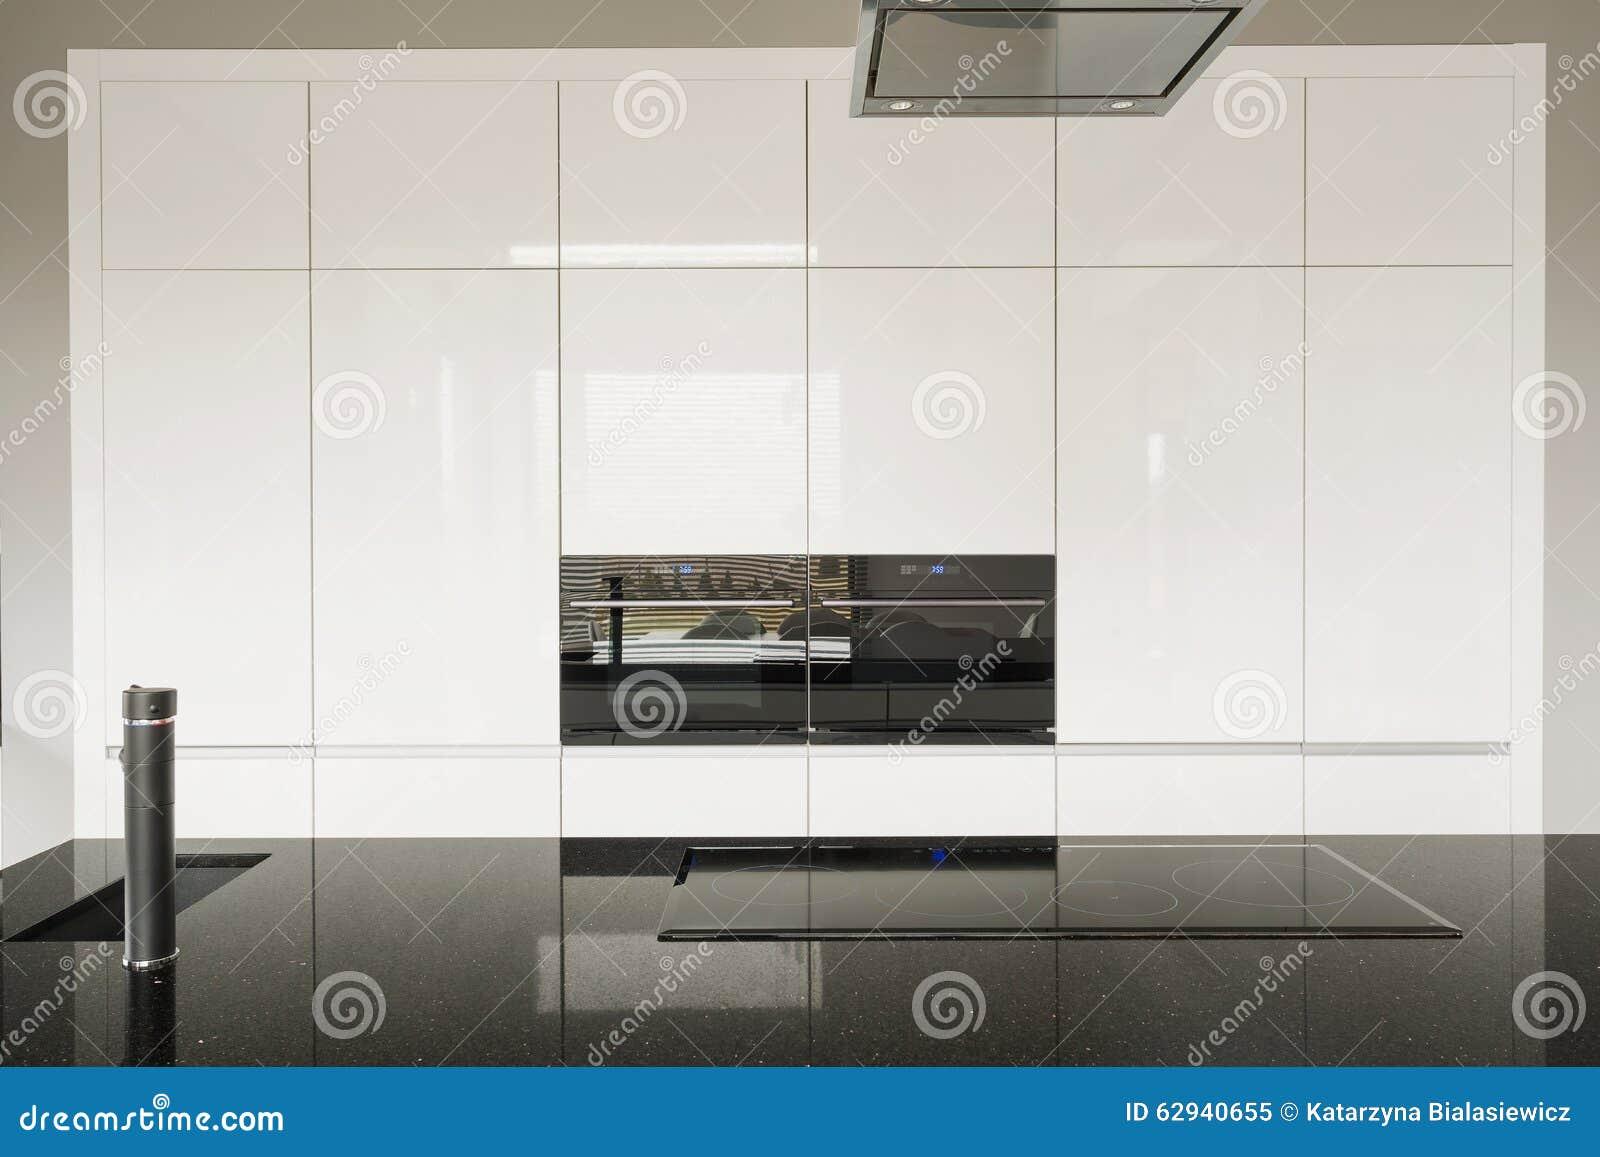 keukentegels met afbeeldingen : Glanzende Keukentegels Stock Afbeelding Afbeelding Bestaande Uit